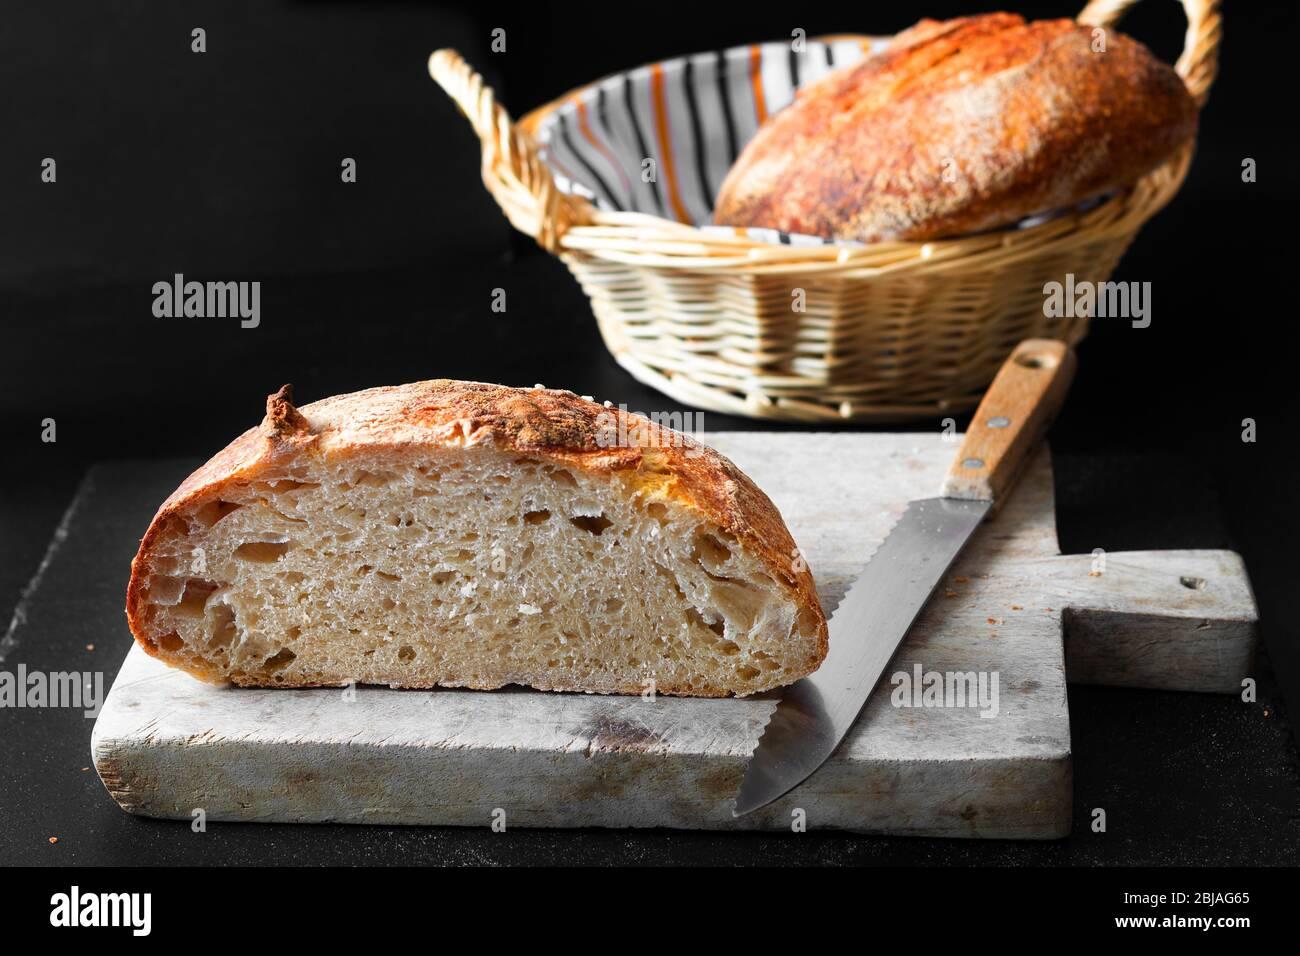 Maison cuisine pain biologique fait maison de pâte à pain sur fond noir avec espace de copie Banque D'Images